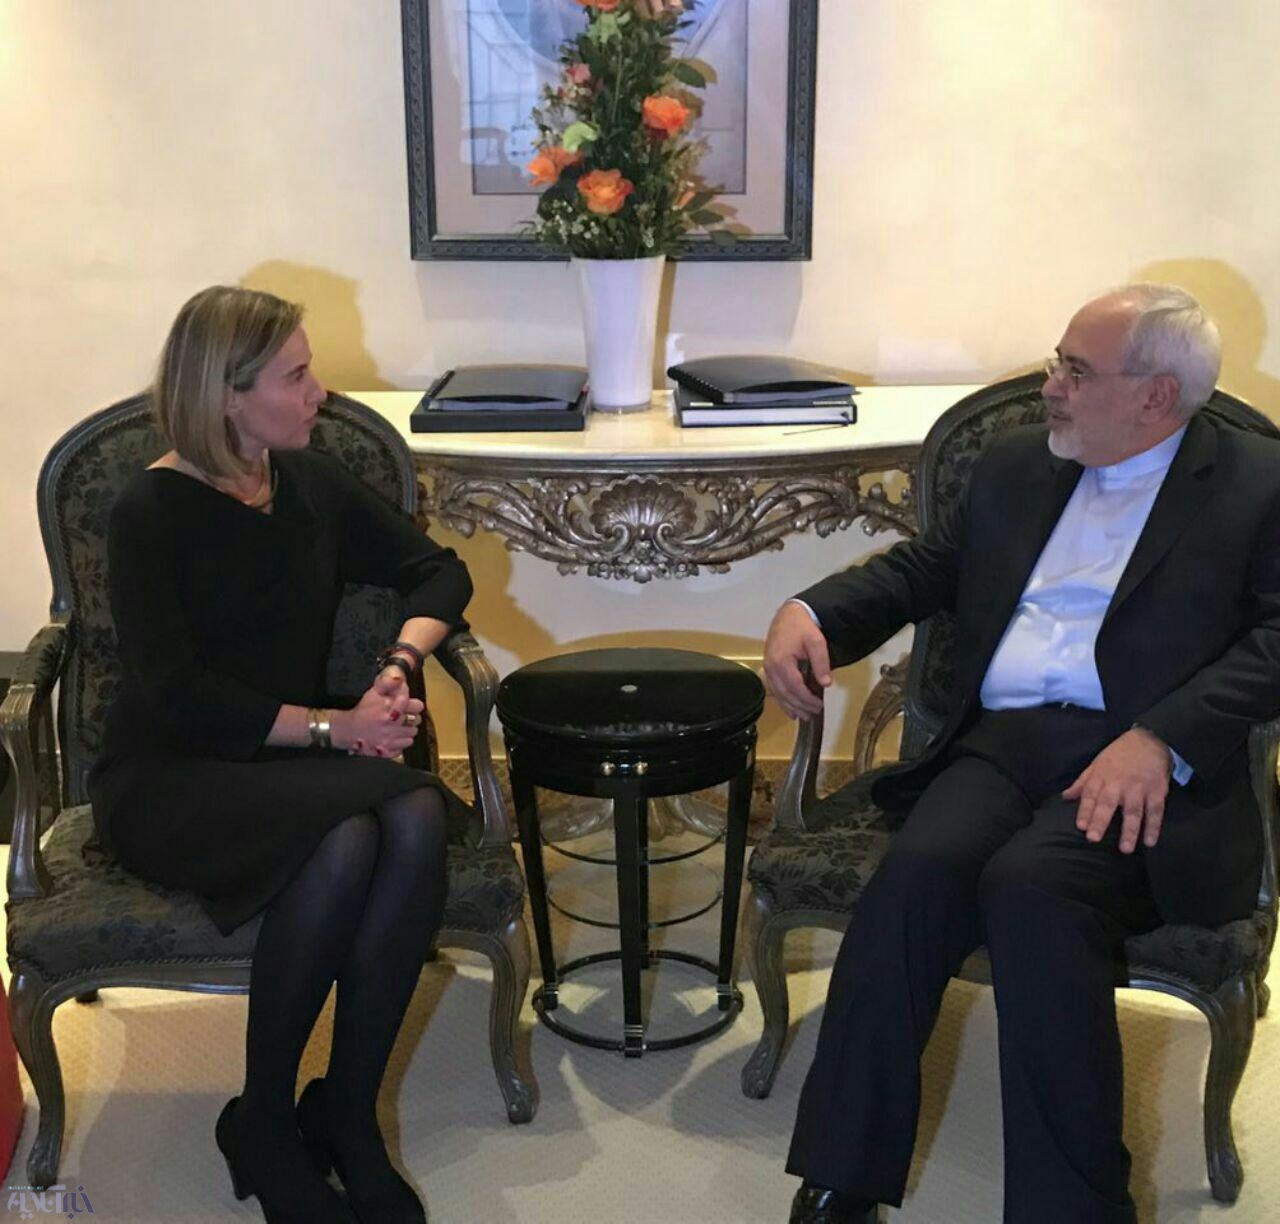 عکس | دیدار ظریف با موگرینی در حاشیه کنفرانس امنیتی مونیخ